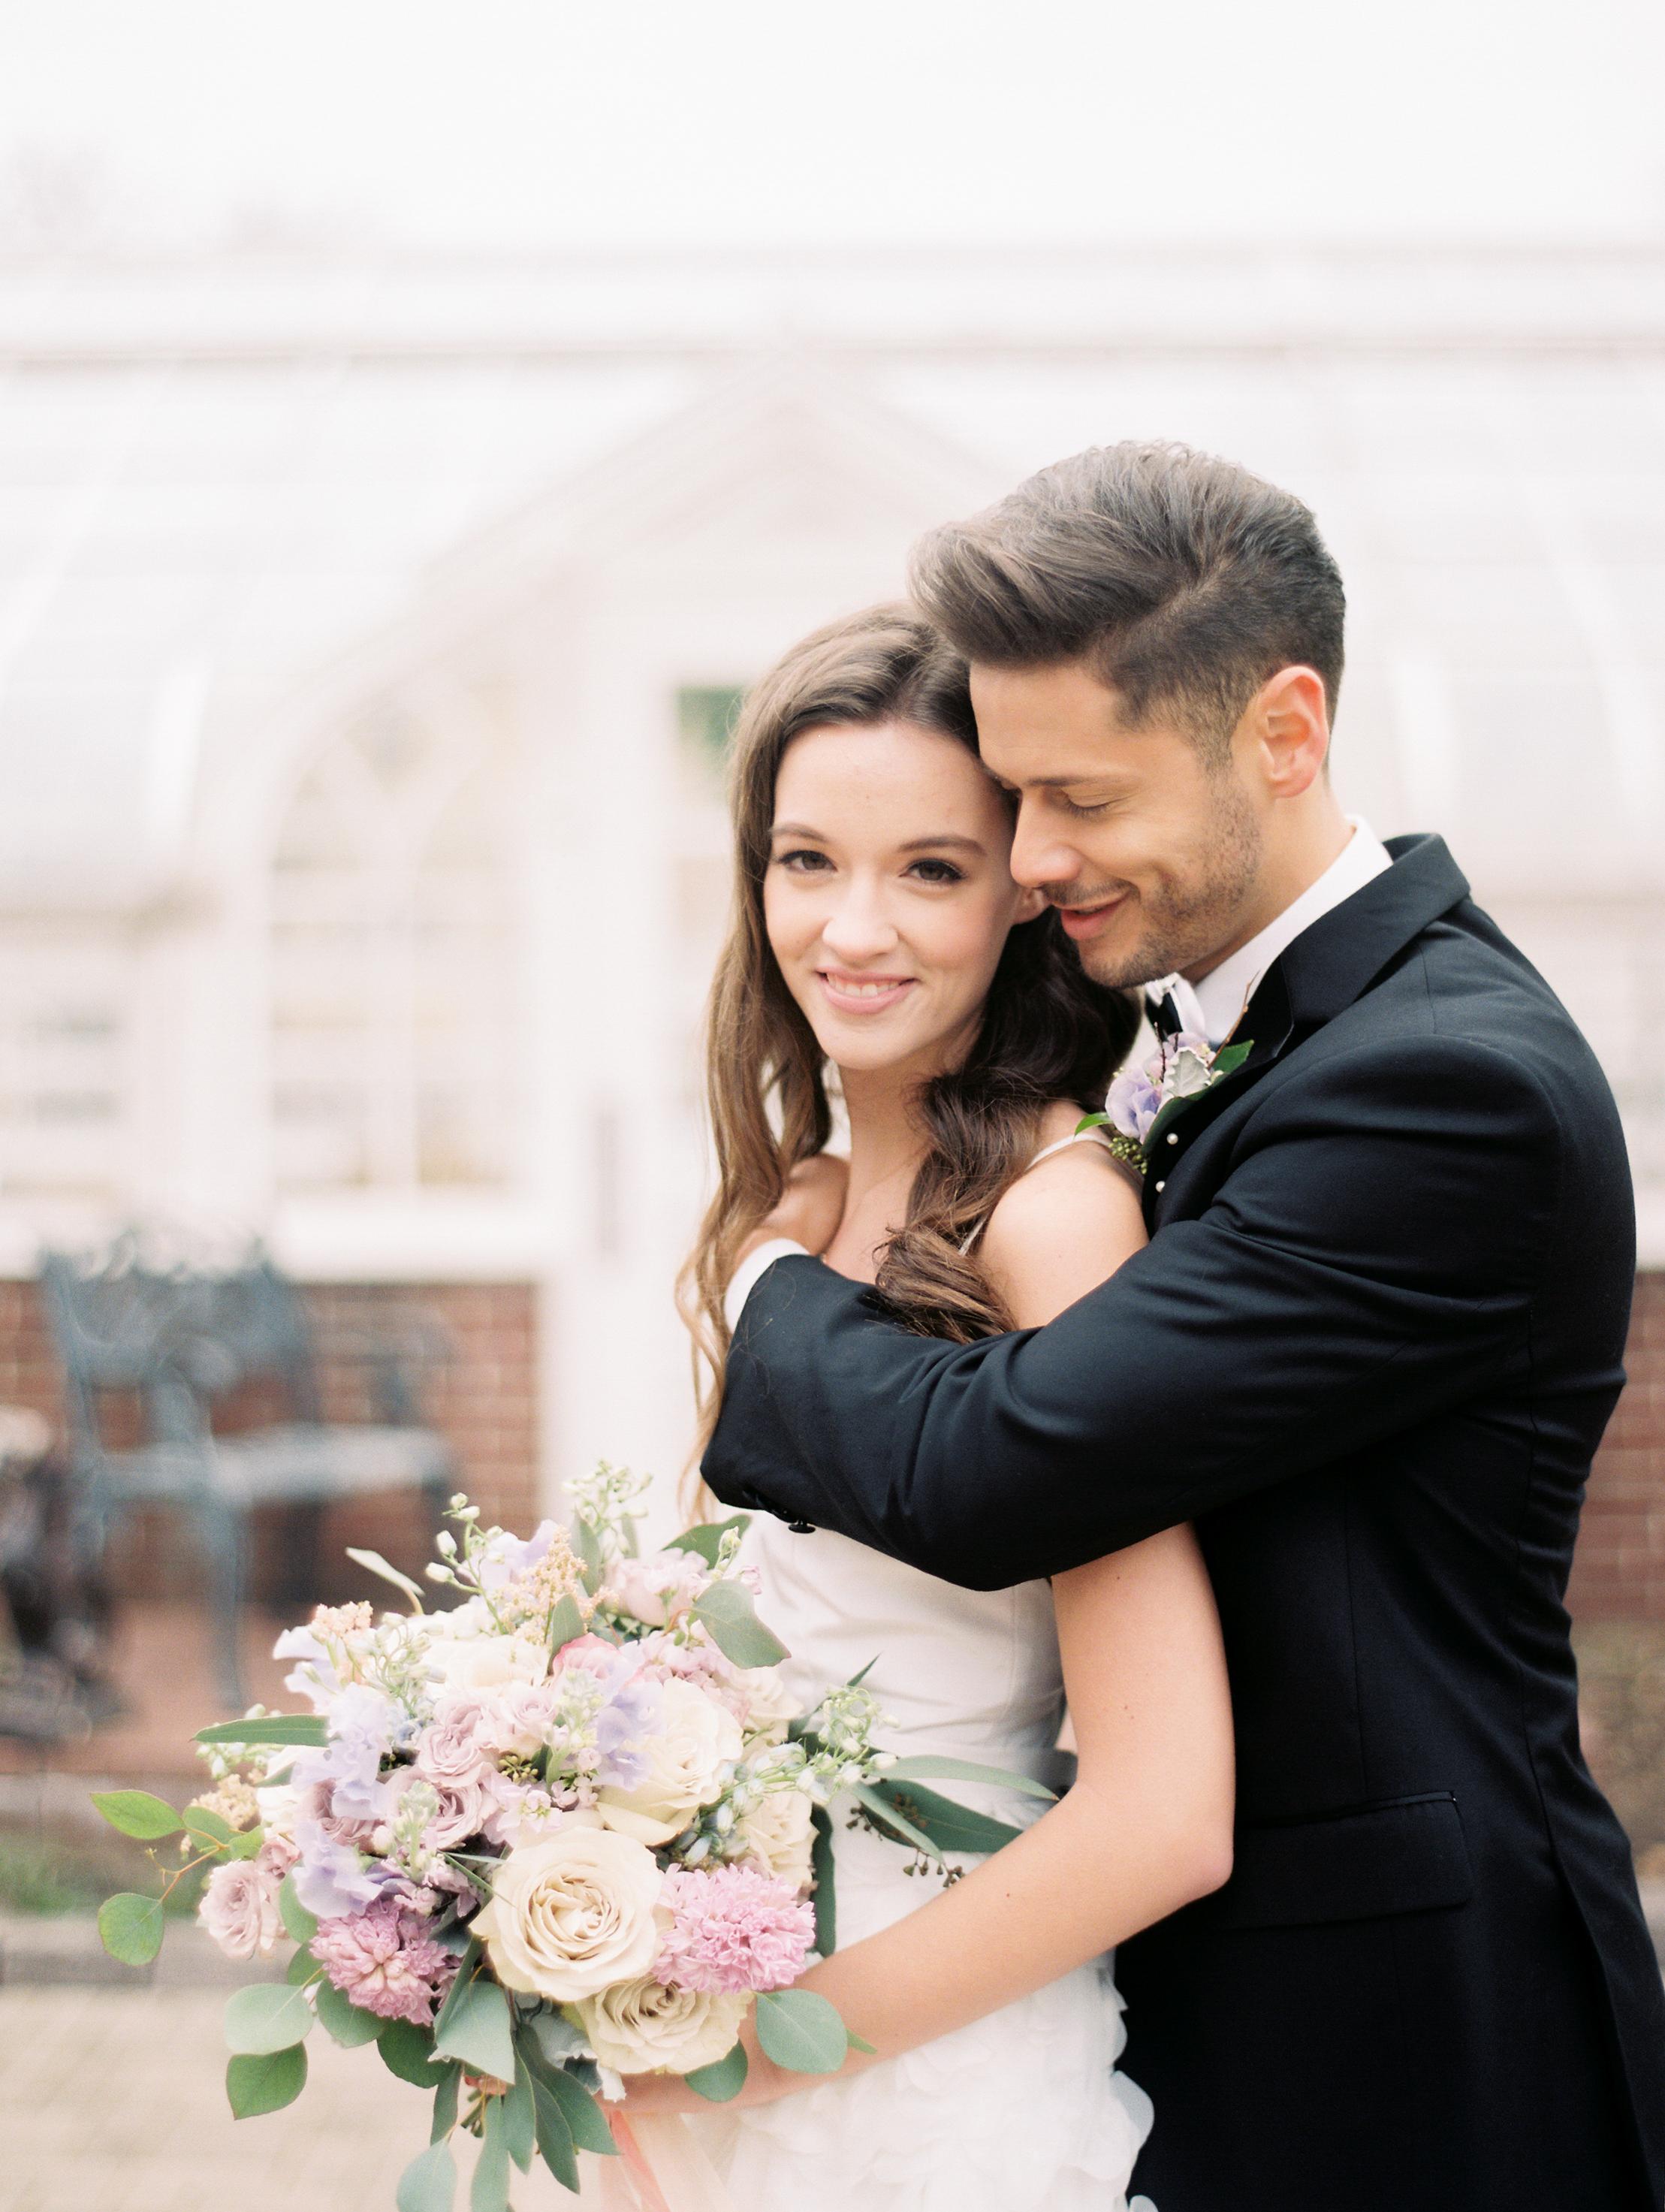 Kristin-La-Voie-Photography-Chicago-Wedding-Photographer-Cheney-Mansion-229.jpg